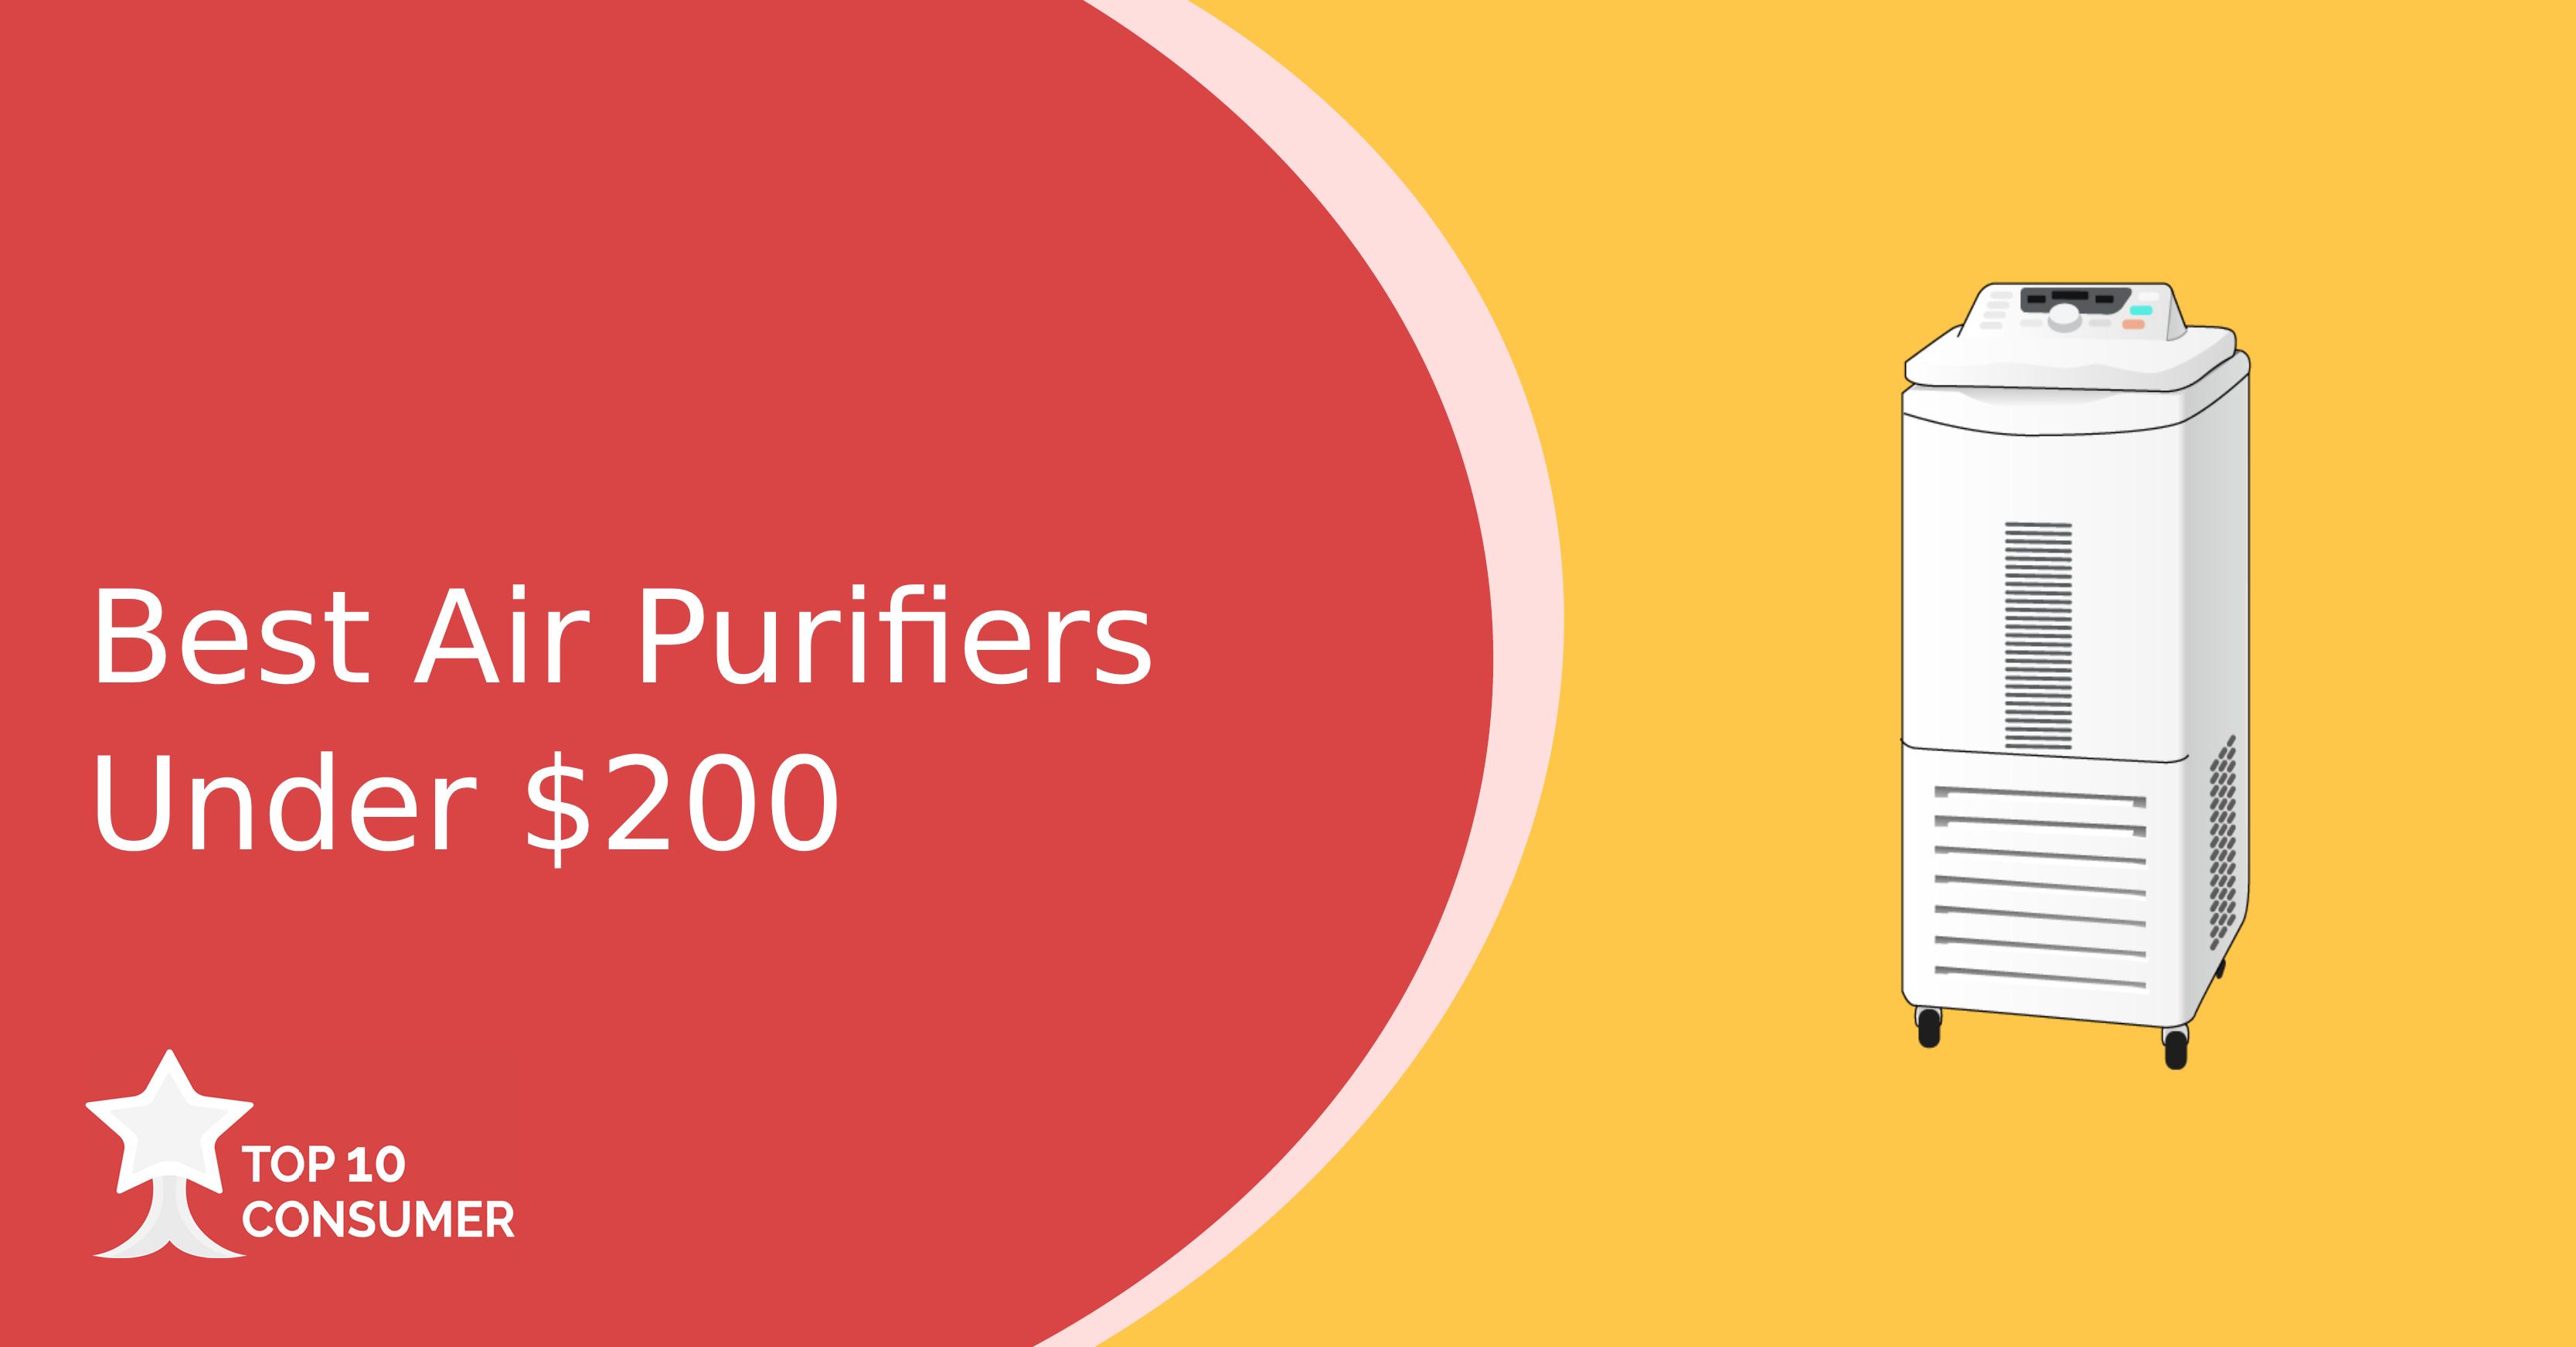 Best Air Purifiers Under $200